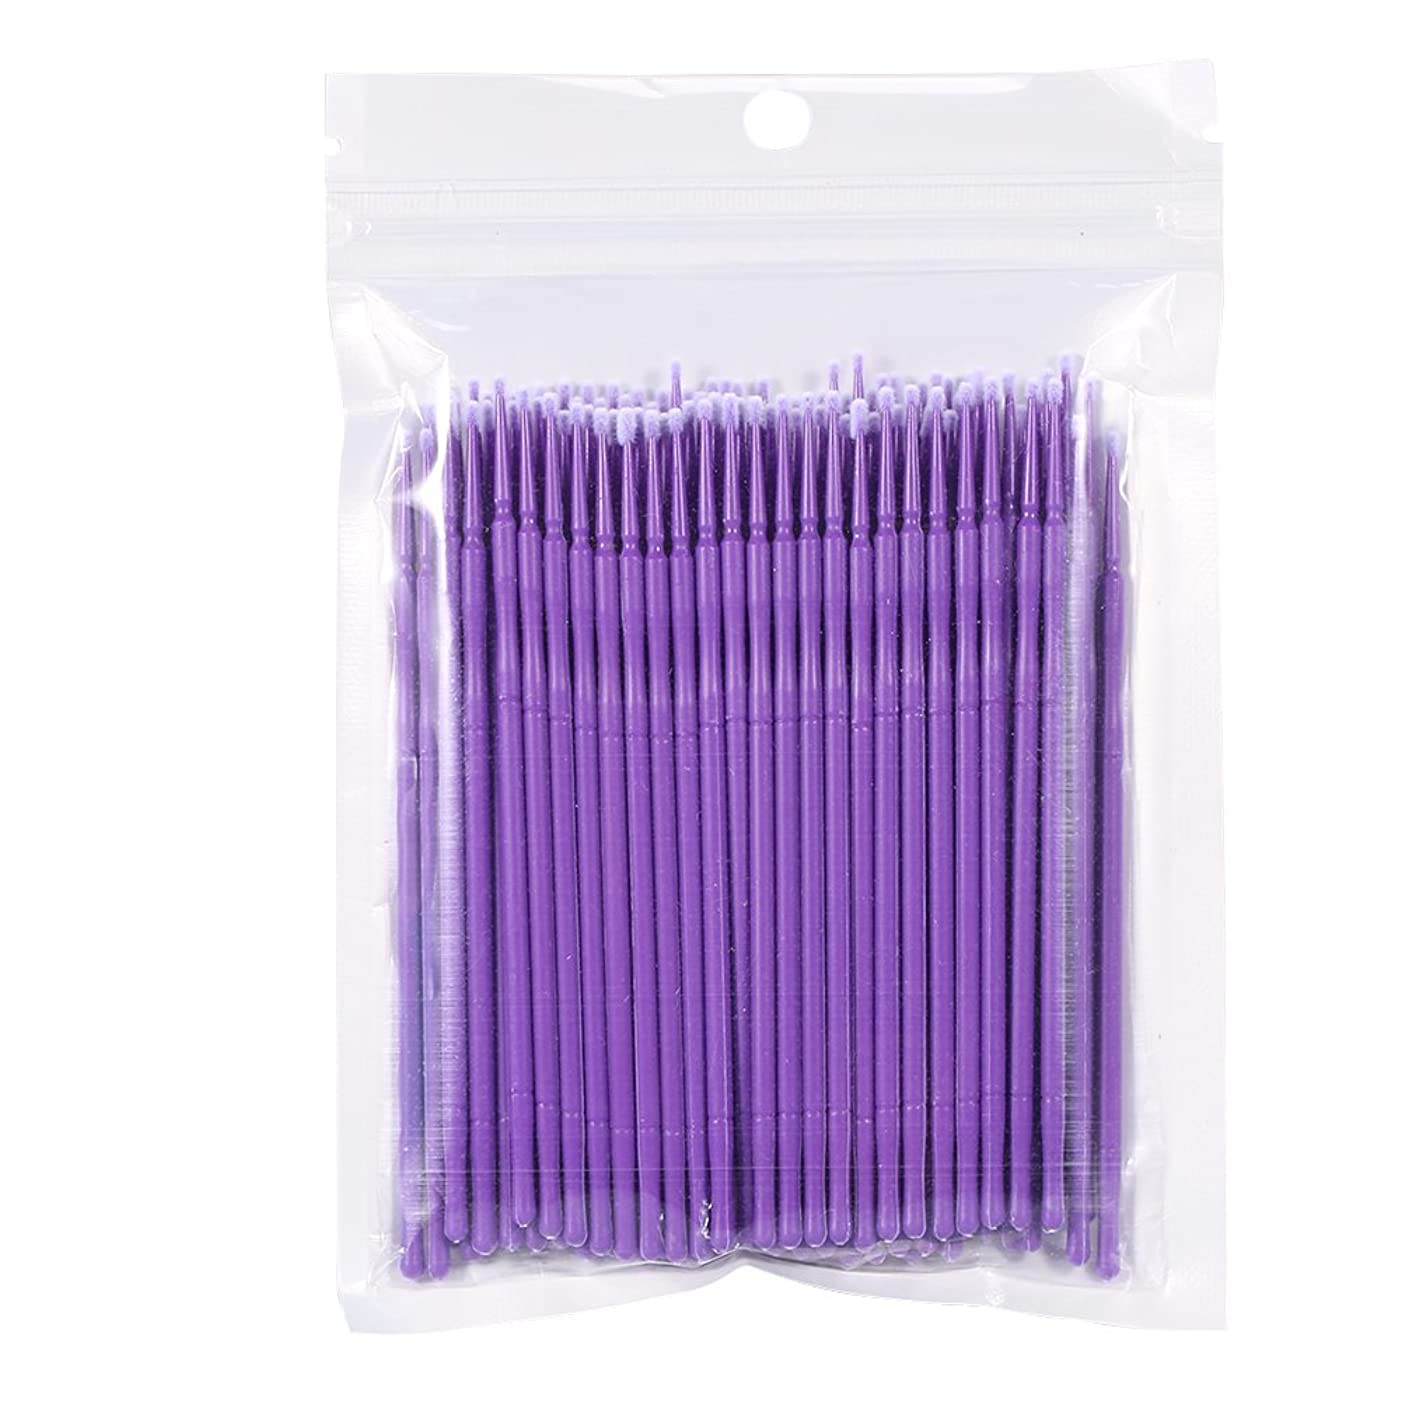 調和のとれたアーティストマージン使い捨てまつげブラシ、400ピースマスカラワンドまつげエクステンションメイクマイクロアプリケータブラシ(紫の)